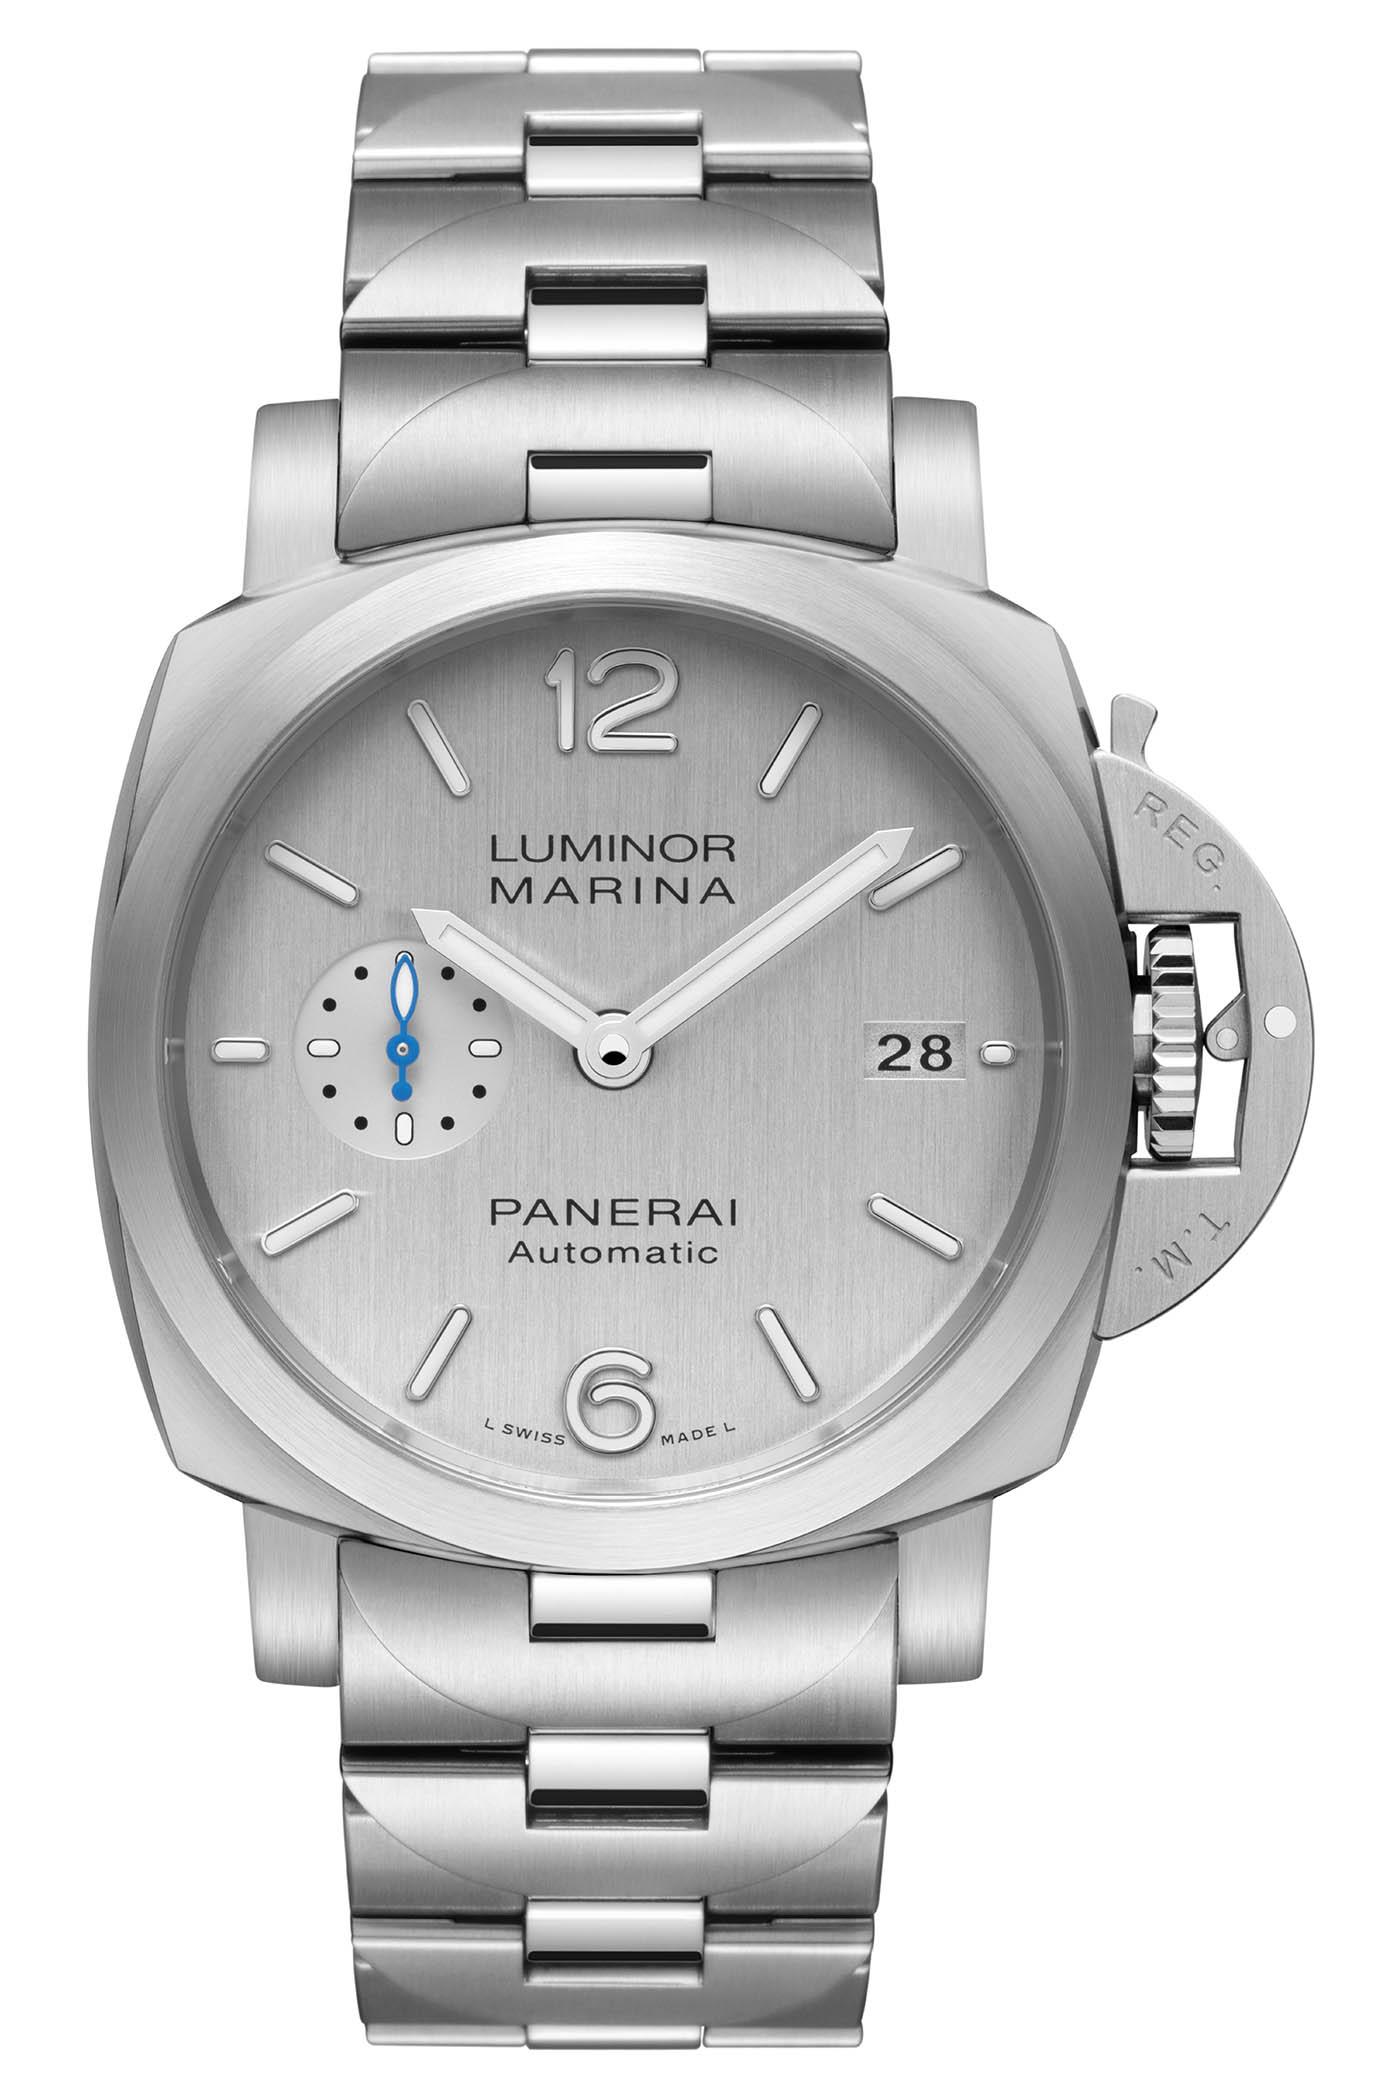 Panerai Luminor Marina Silver Dial - PAM00977 - PAM00978 - 7